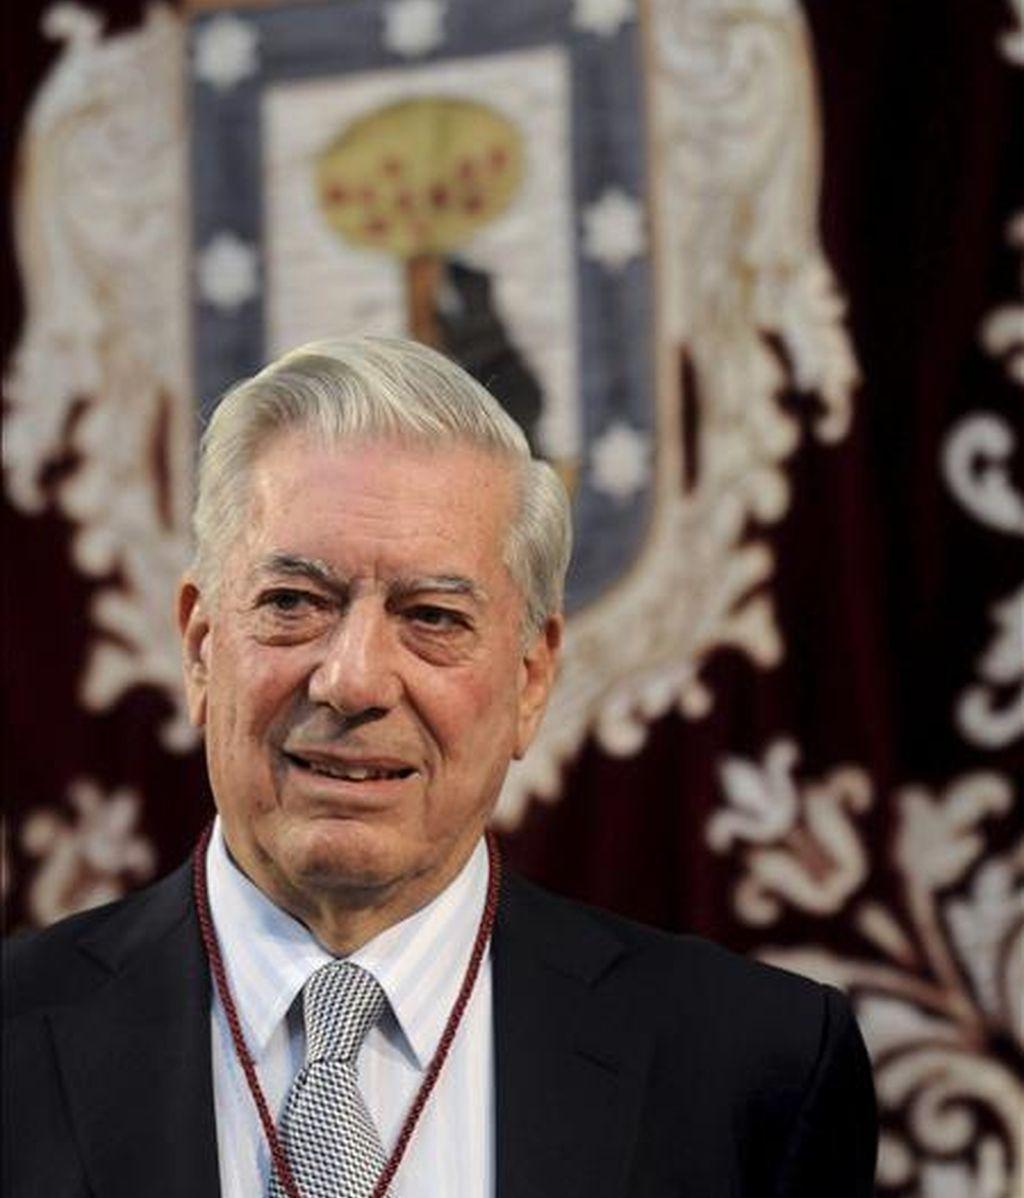 El premio Nobel de Literatura, Mario Vargas Llosa, recibió hoy el título de Hijo Adoptivo de la Villa de Madrid, de manos del alcalde, Alberto Ruíz Gallardón. EFE